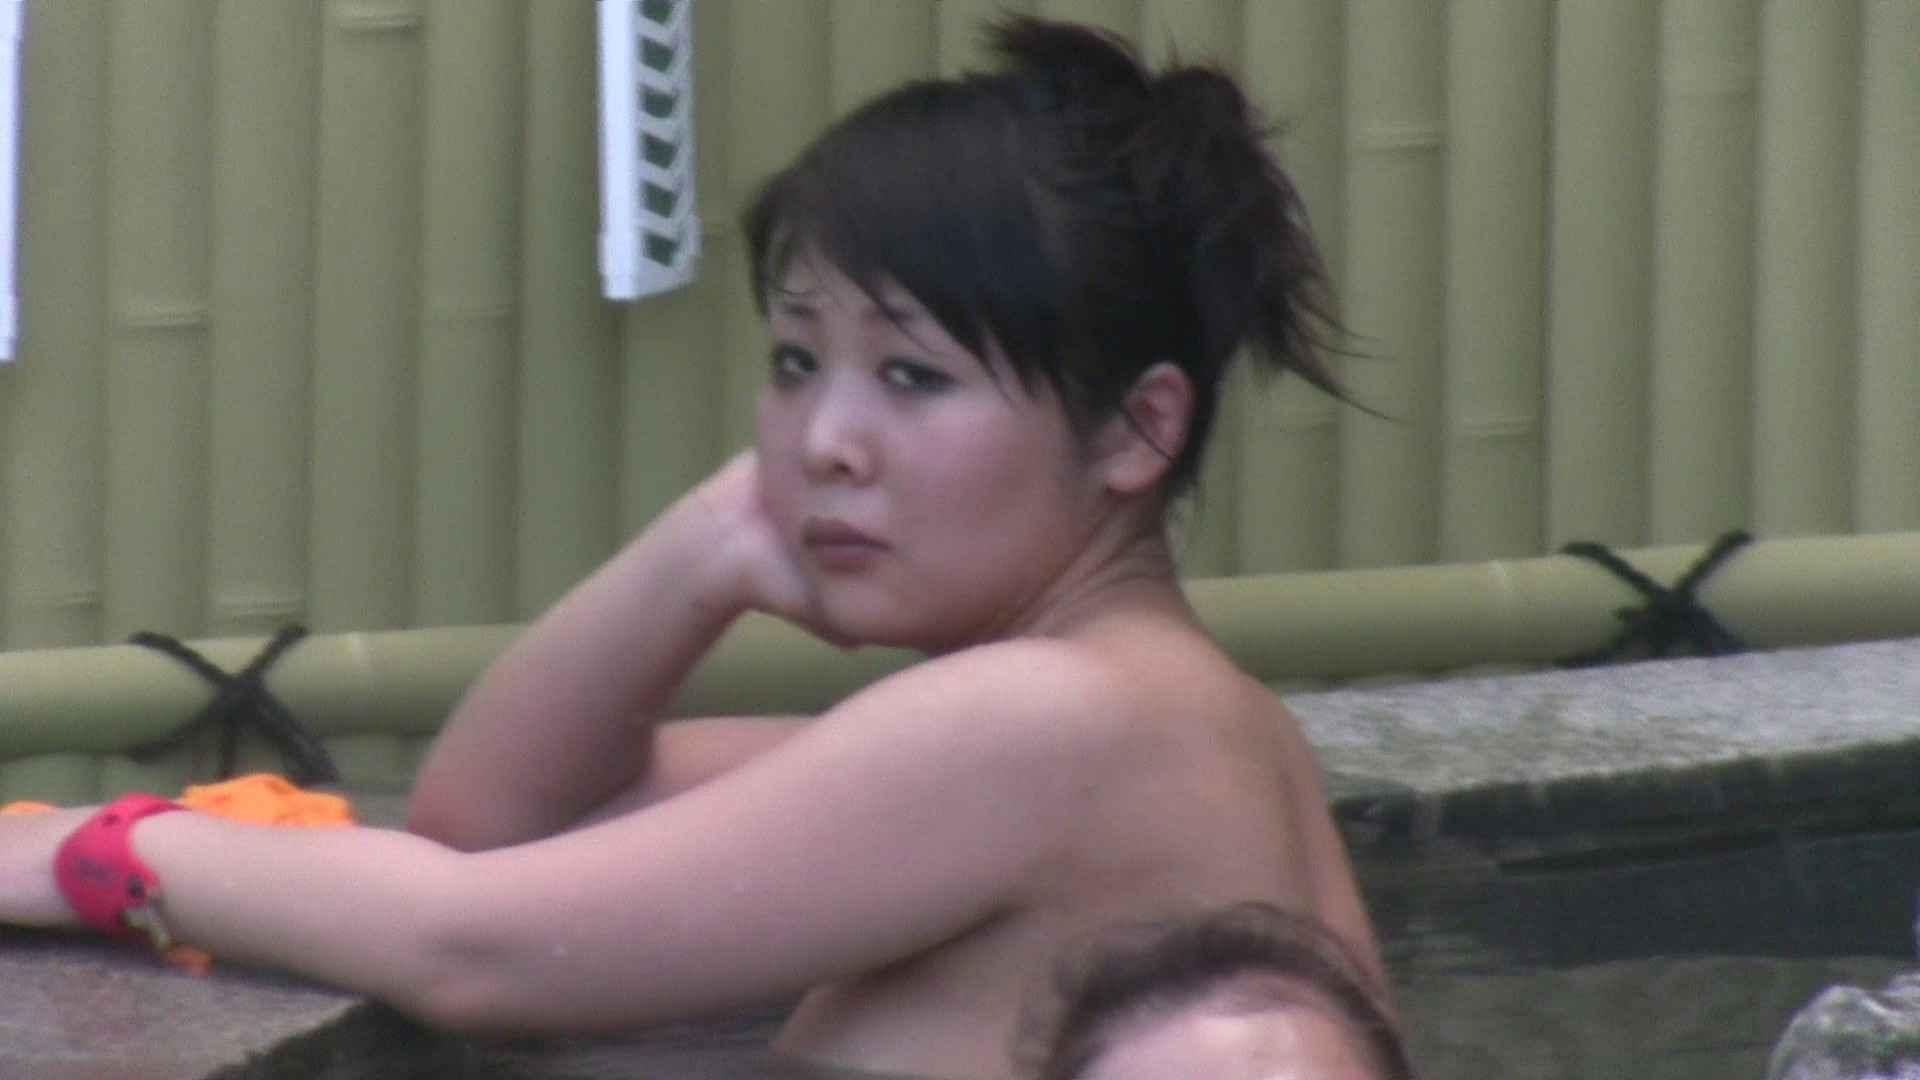 Aquaな露天風呂Vol.118 盗撮動画 | 露天風呂  9枚 7